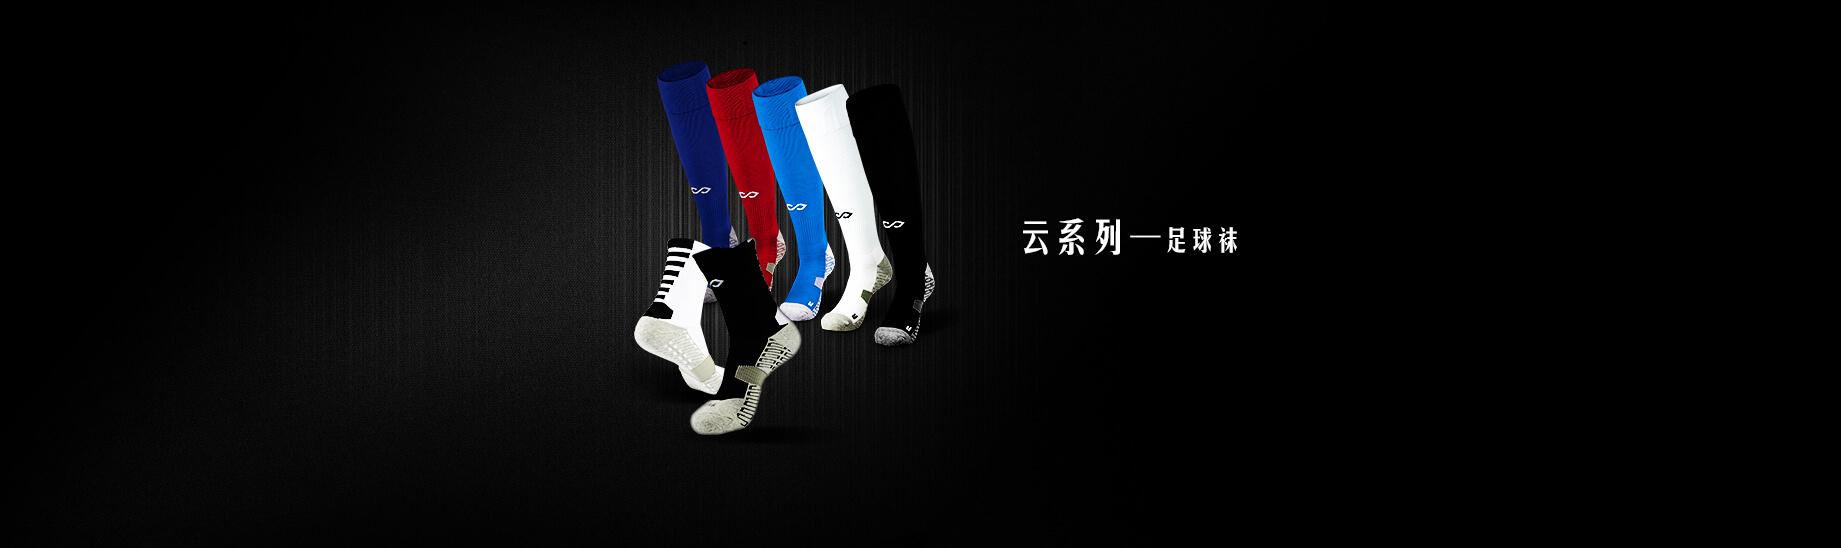 云系列足球球襪